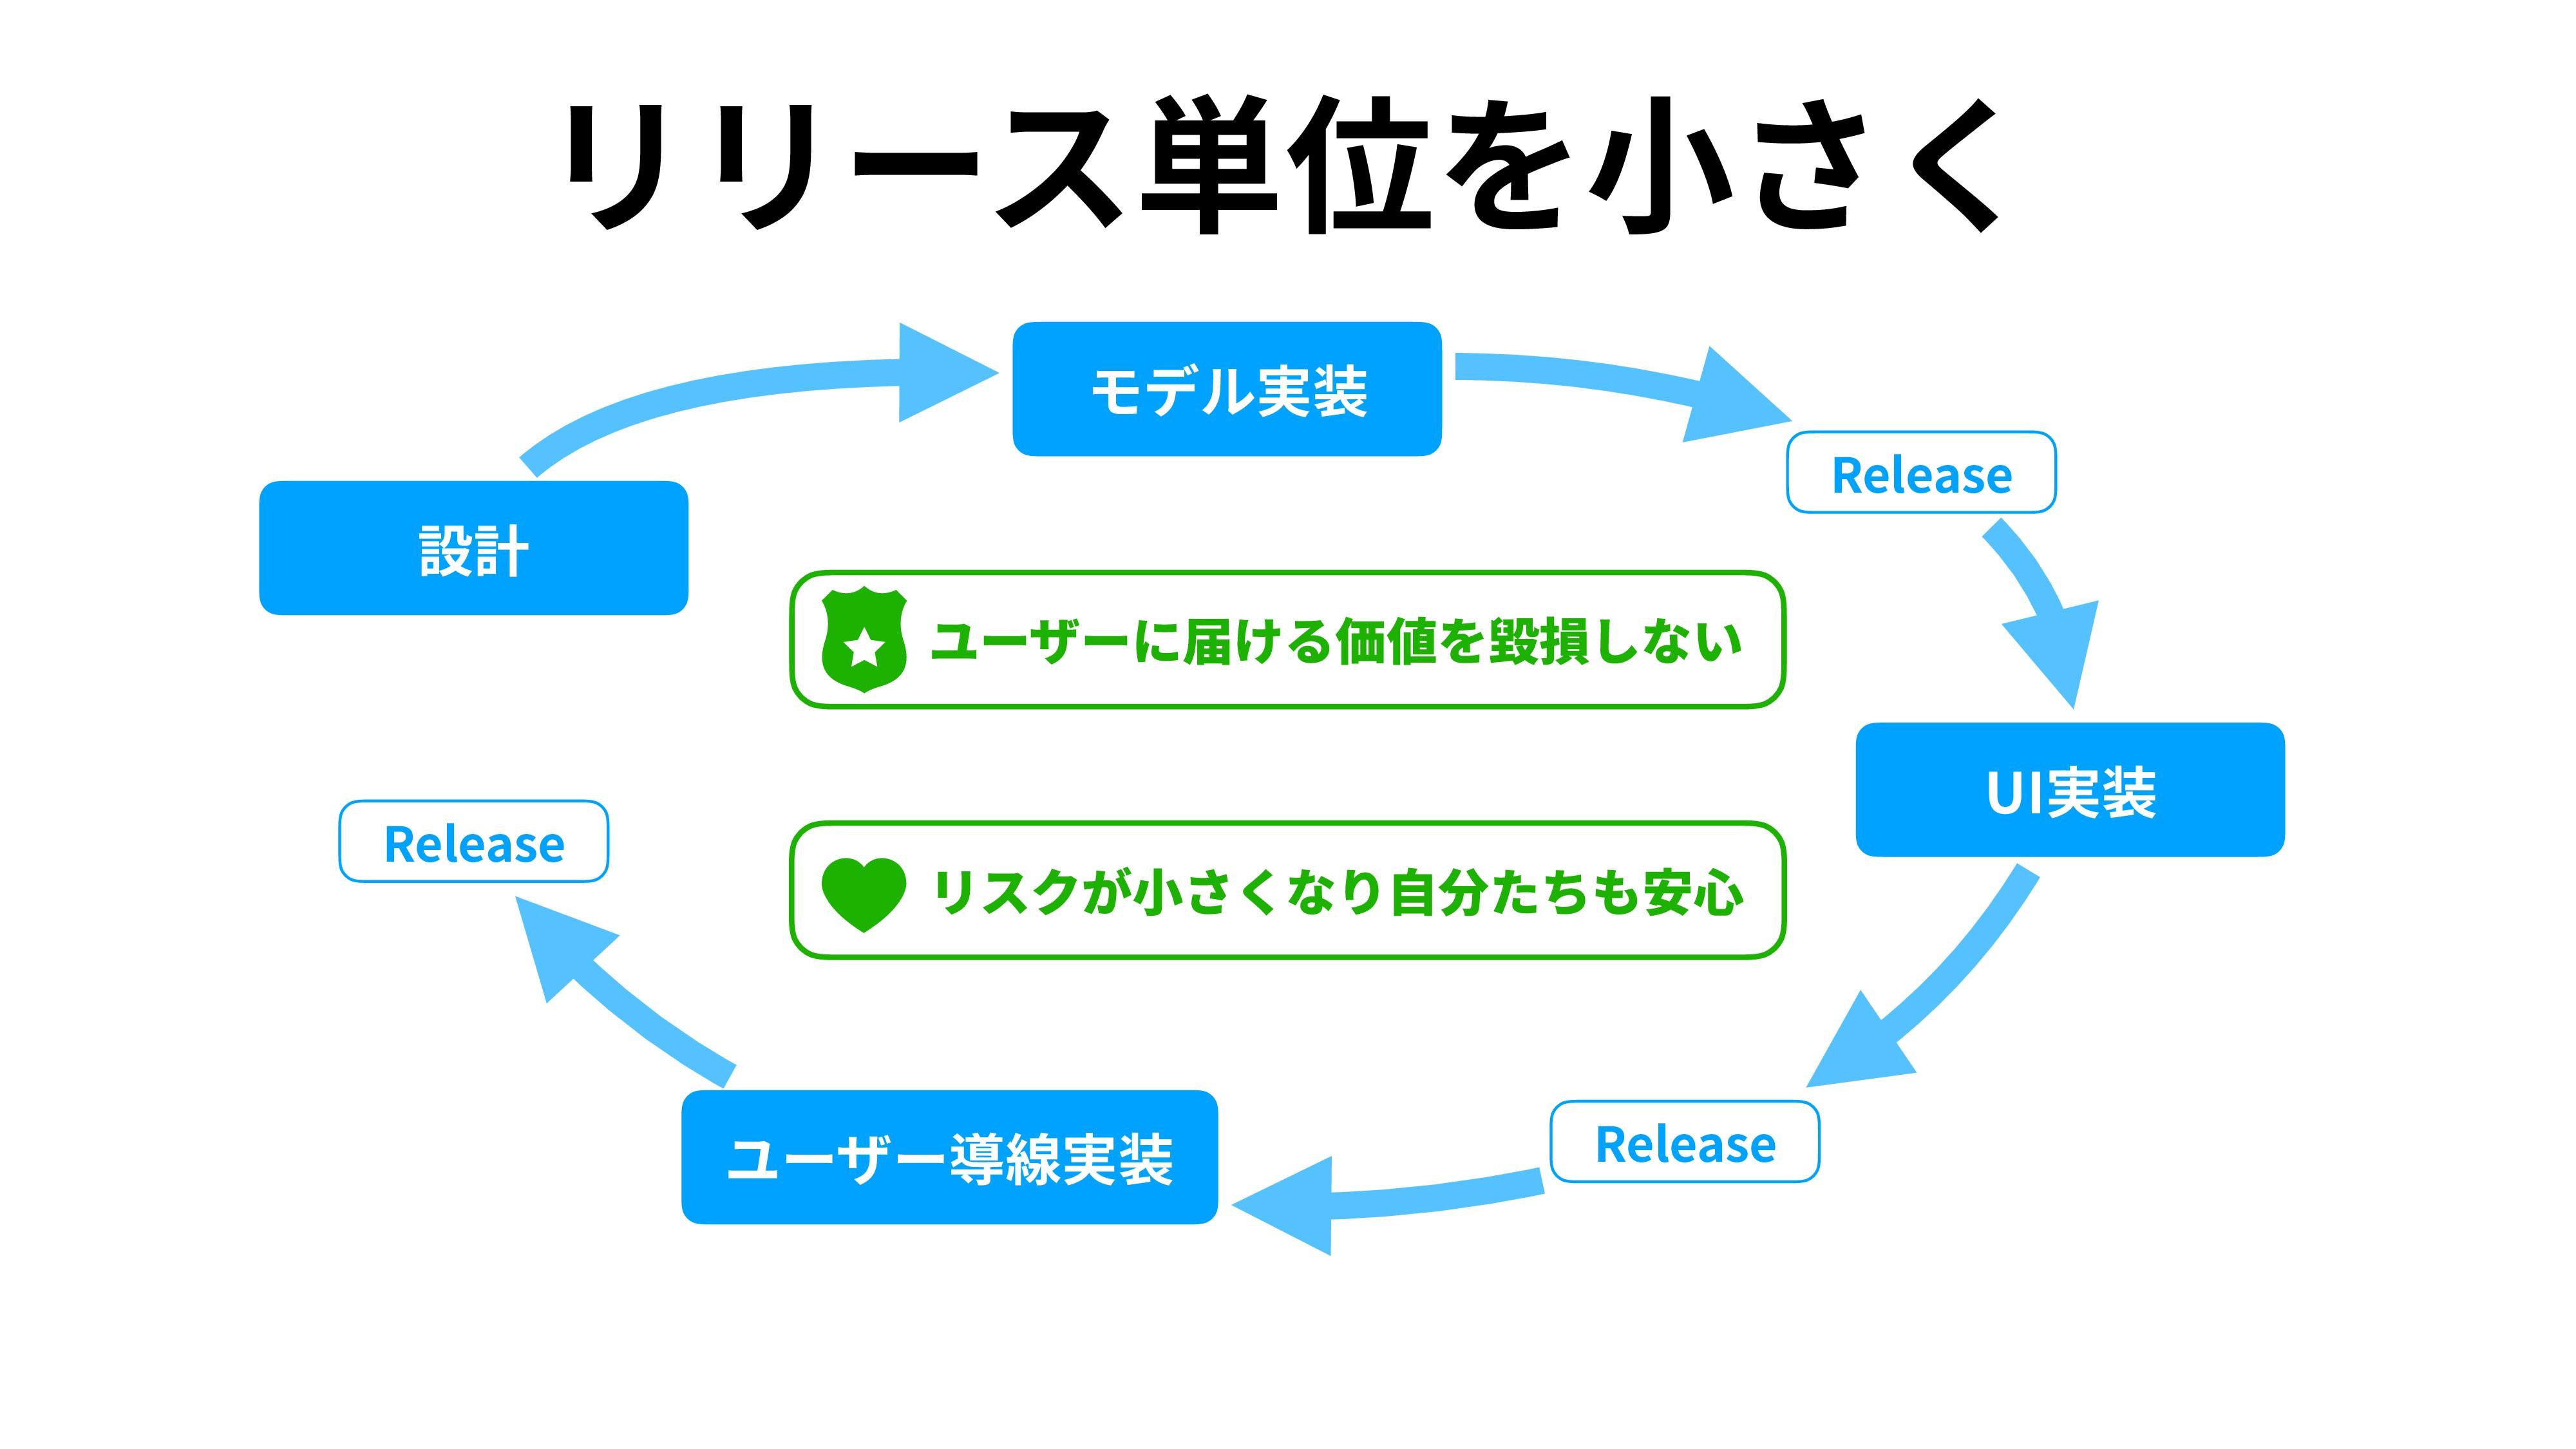 リリース単位を⼩さく モデル実装 設計 UI実装 ユーザー導線実装 Release Relea...